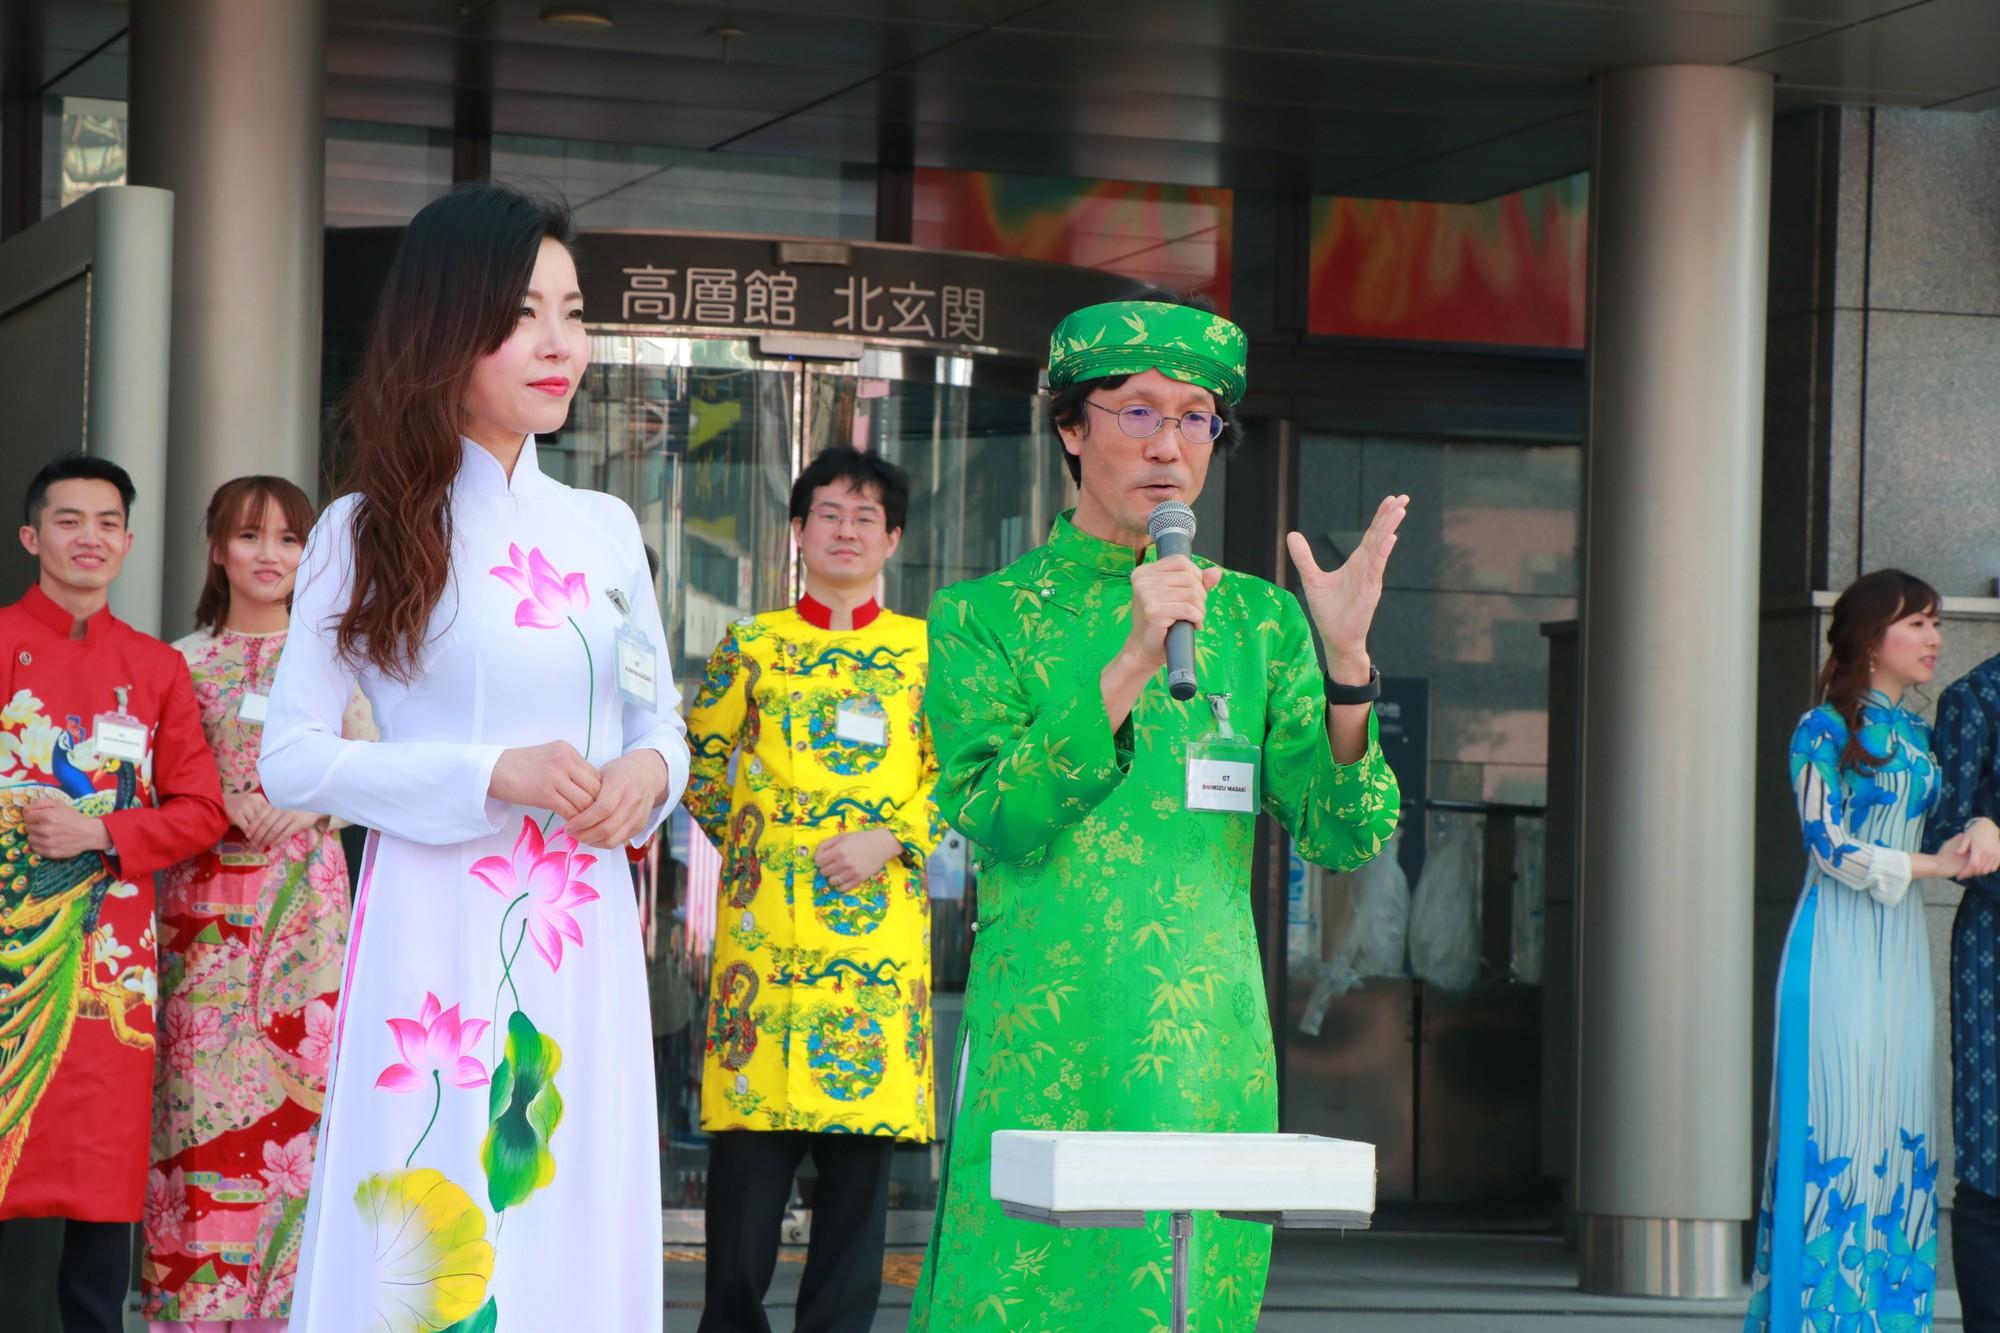 Vũ Cát Tường đến Nhật, quậy tưng bừng cùng du học sinh tại Lễ hội văn hóa Việt Nam 2018 - Ảnh 10.